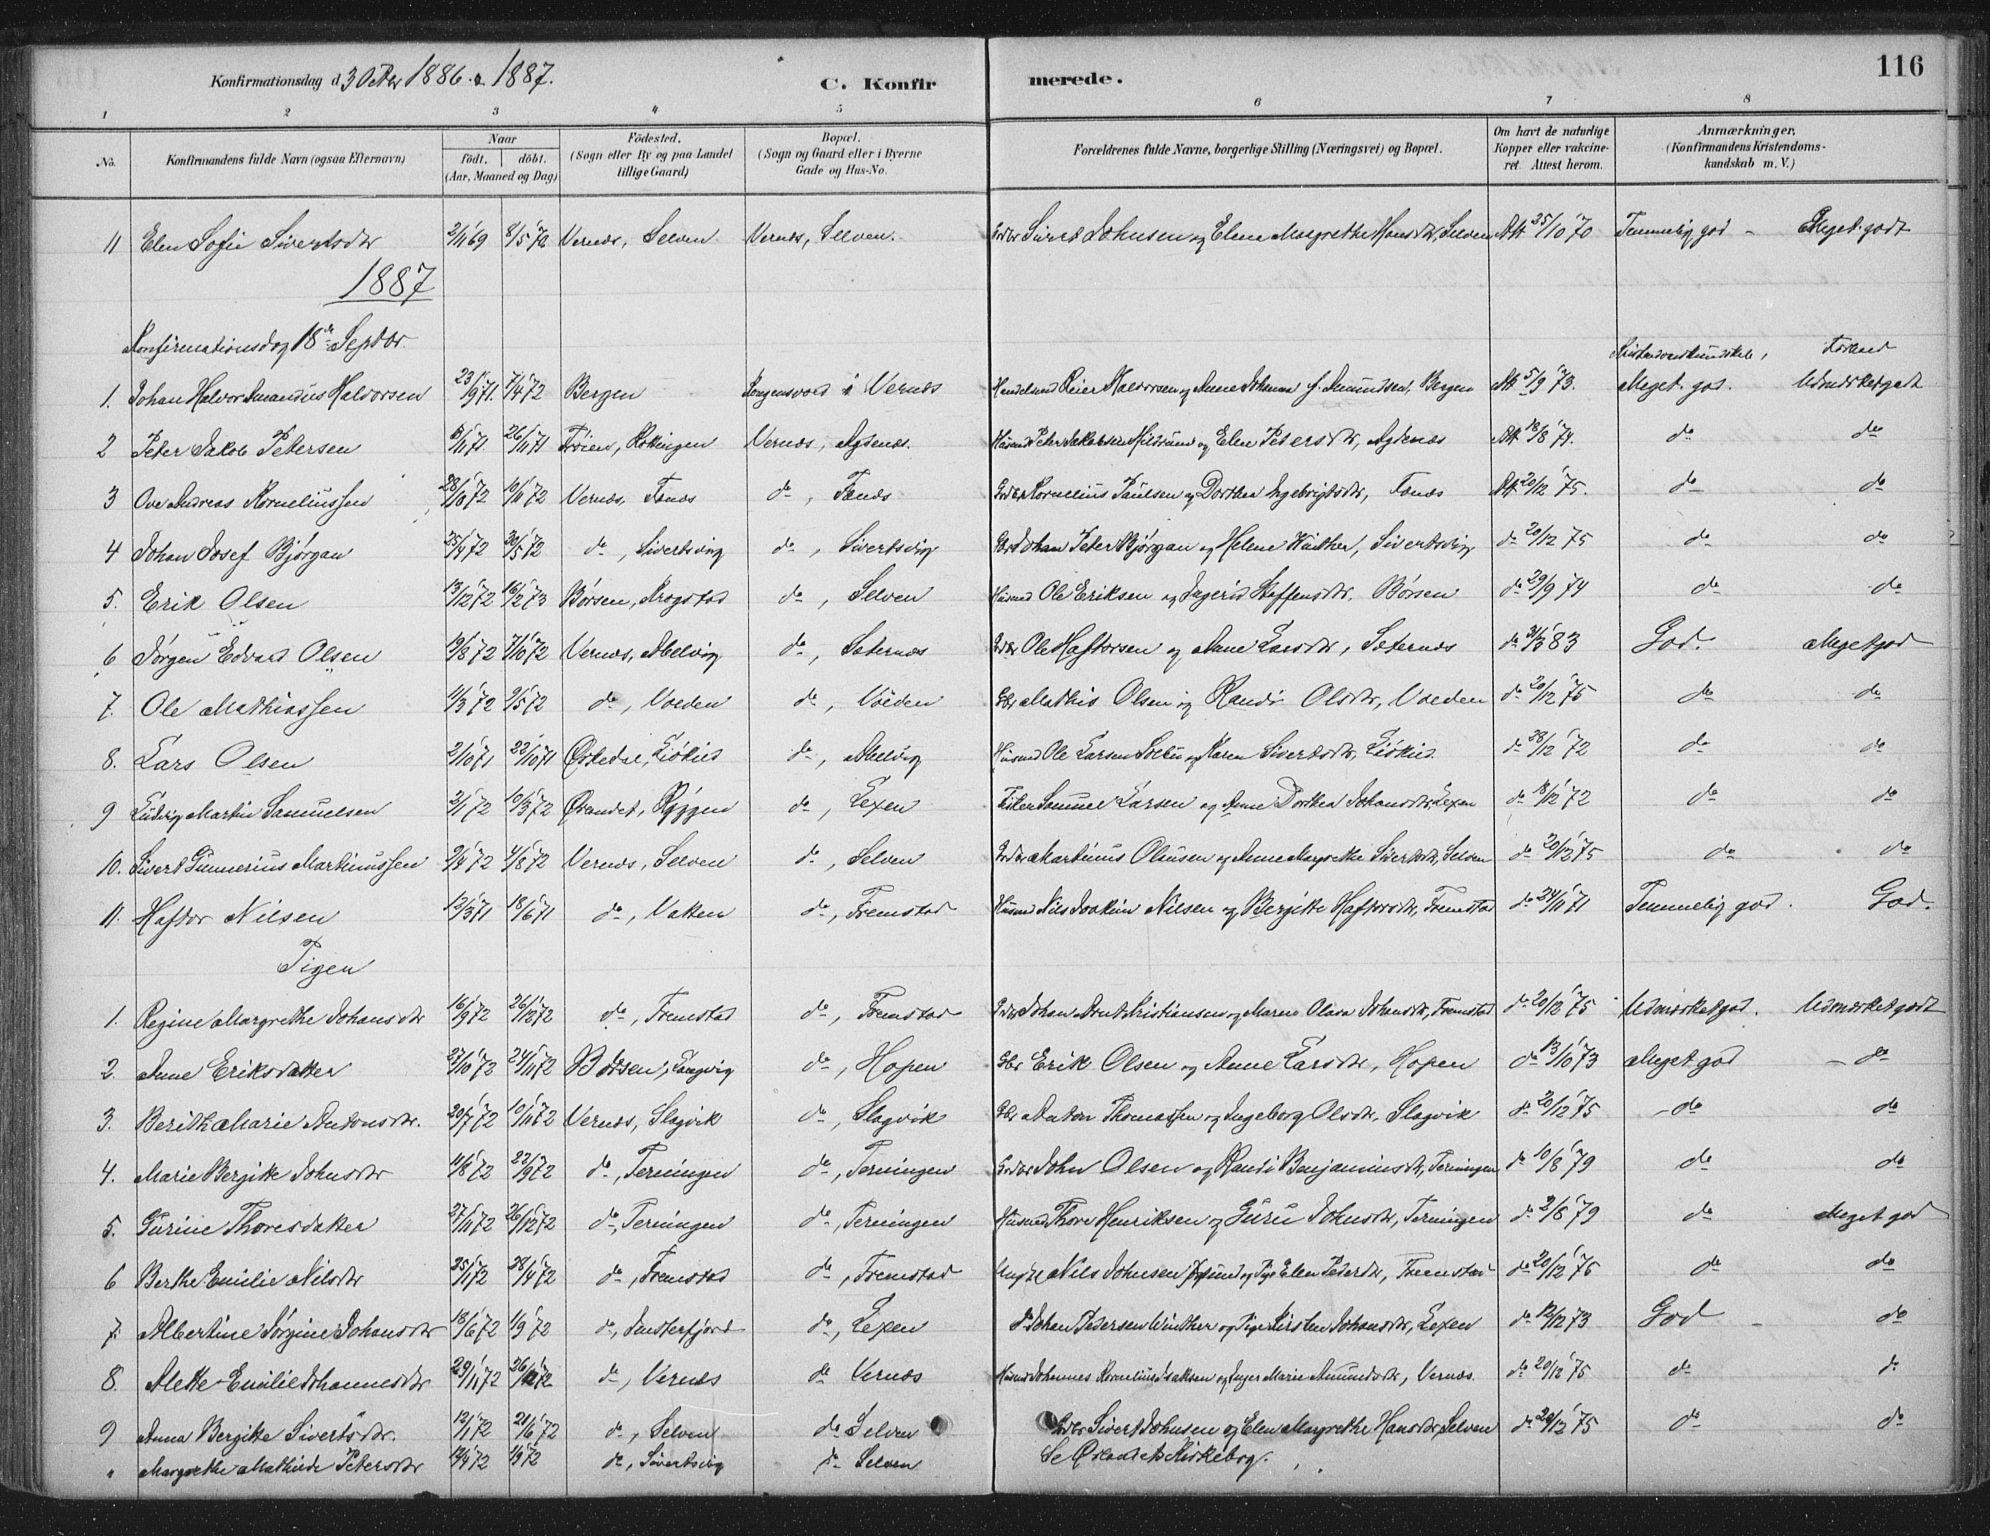 SAT, Ministerialprotokoller, klokkerbøker og fødselsregistre - Sør-Trøndelag, 662/L0755: Ministerialbok nr. 662A01, 1879-1905, s. 116